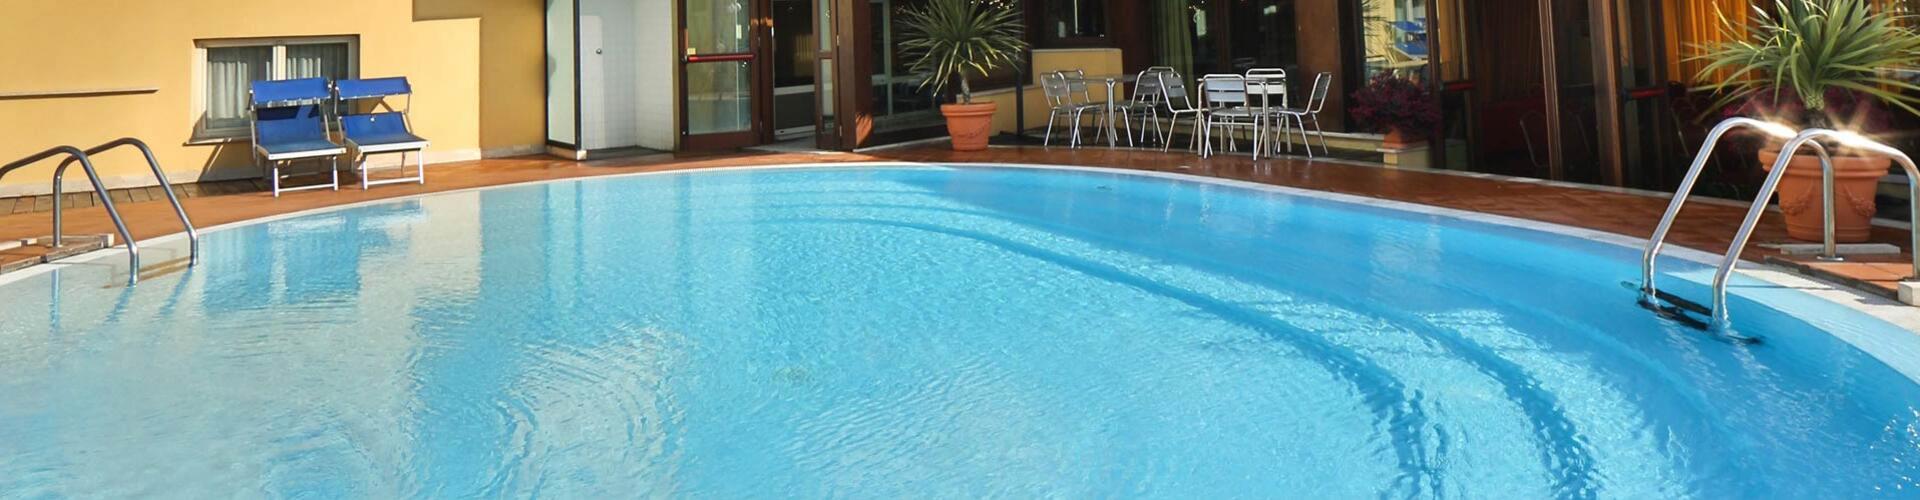 hoteldavidpalace en pool 001